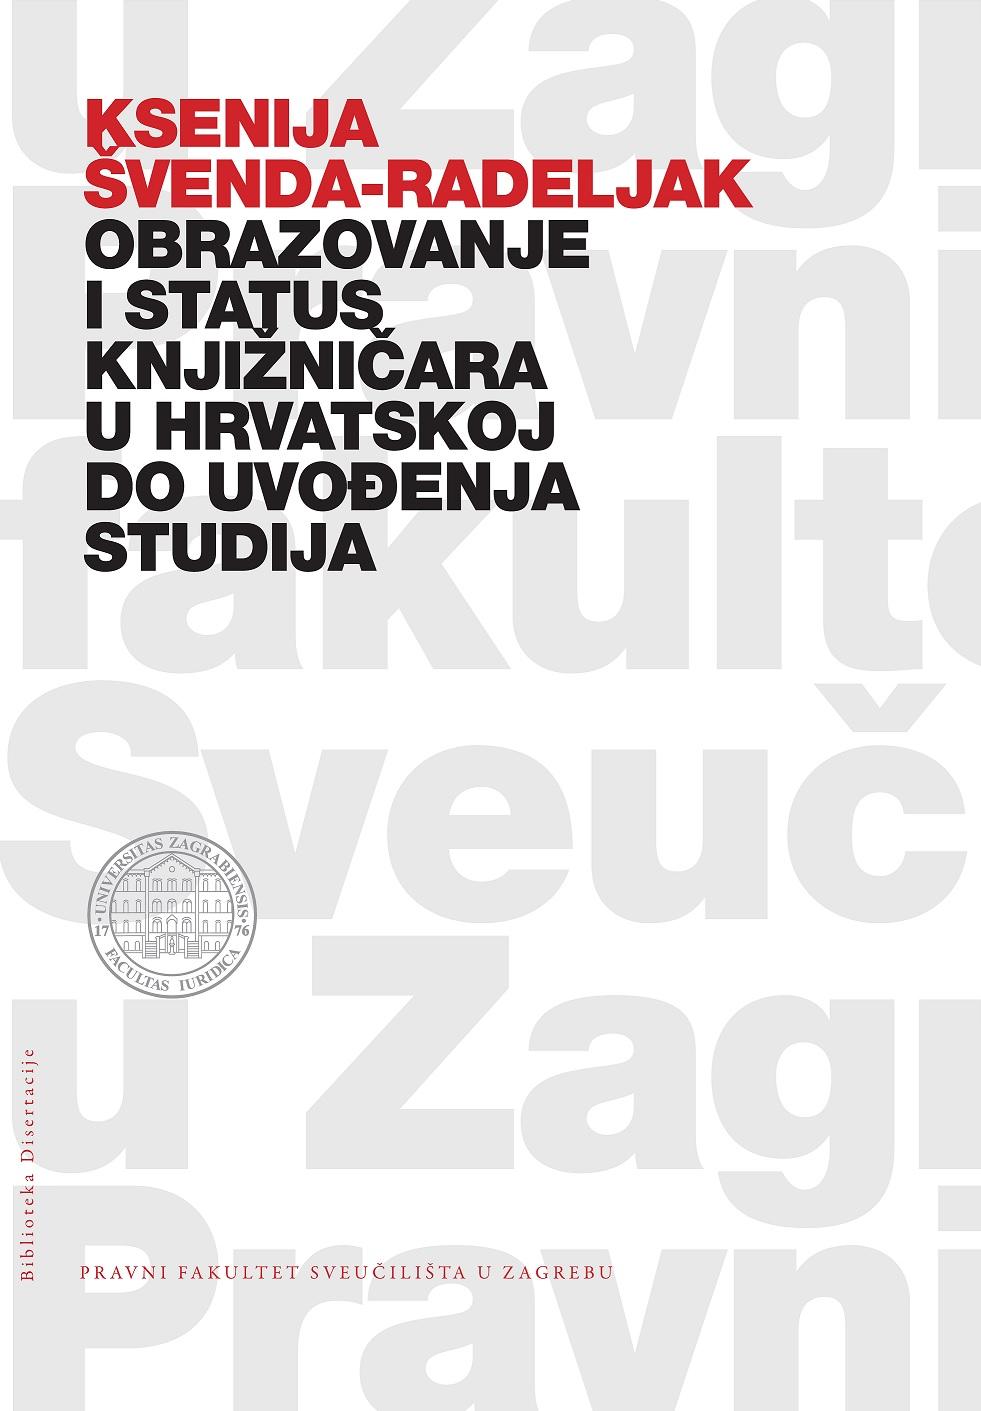 """Naslovnica knjige """"Obrazovanje i status knjižničara u Hrvatskoj do uvođenja studija bibliotekarstva""""."""